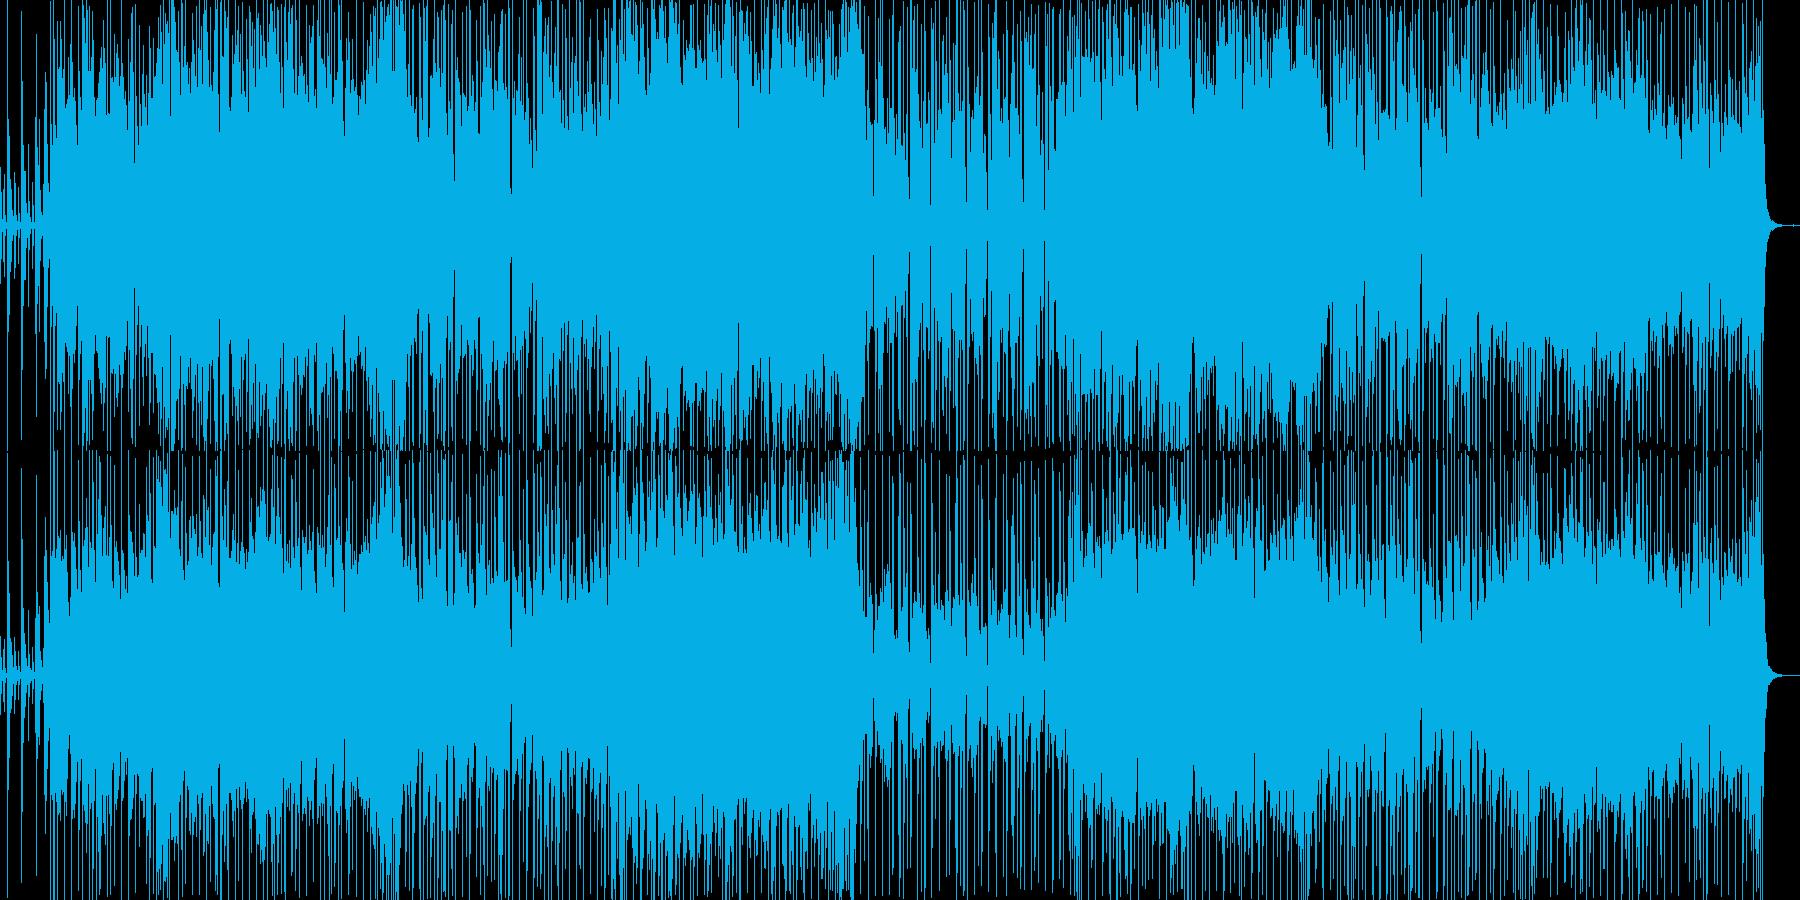 切なく不思議な感じのBGMの再生済みの波形